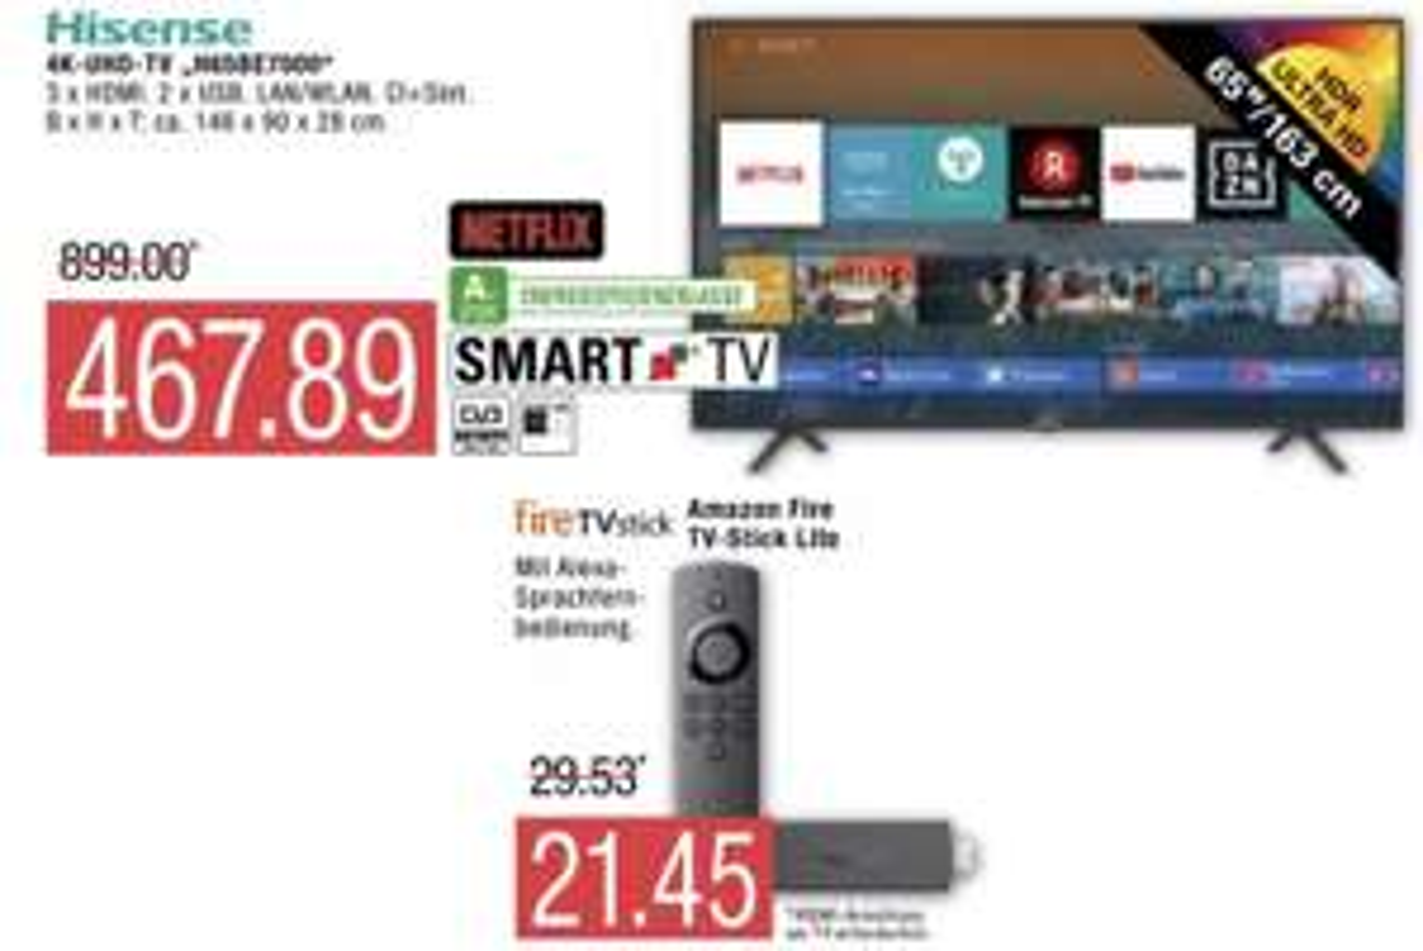 Marktkauf Nord: Hisense H65BE7000 163cm 65 Zoll 4K UHD Smart TV für 467,89€ / Amazon Fire TV Stick Lite für 21,45€